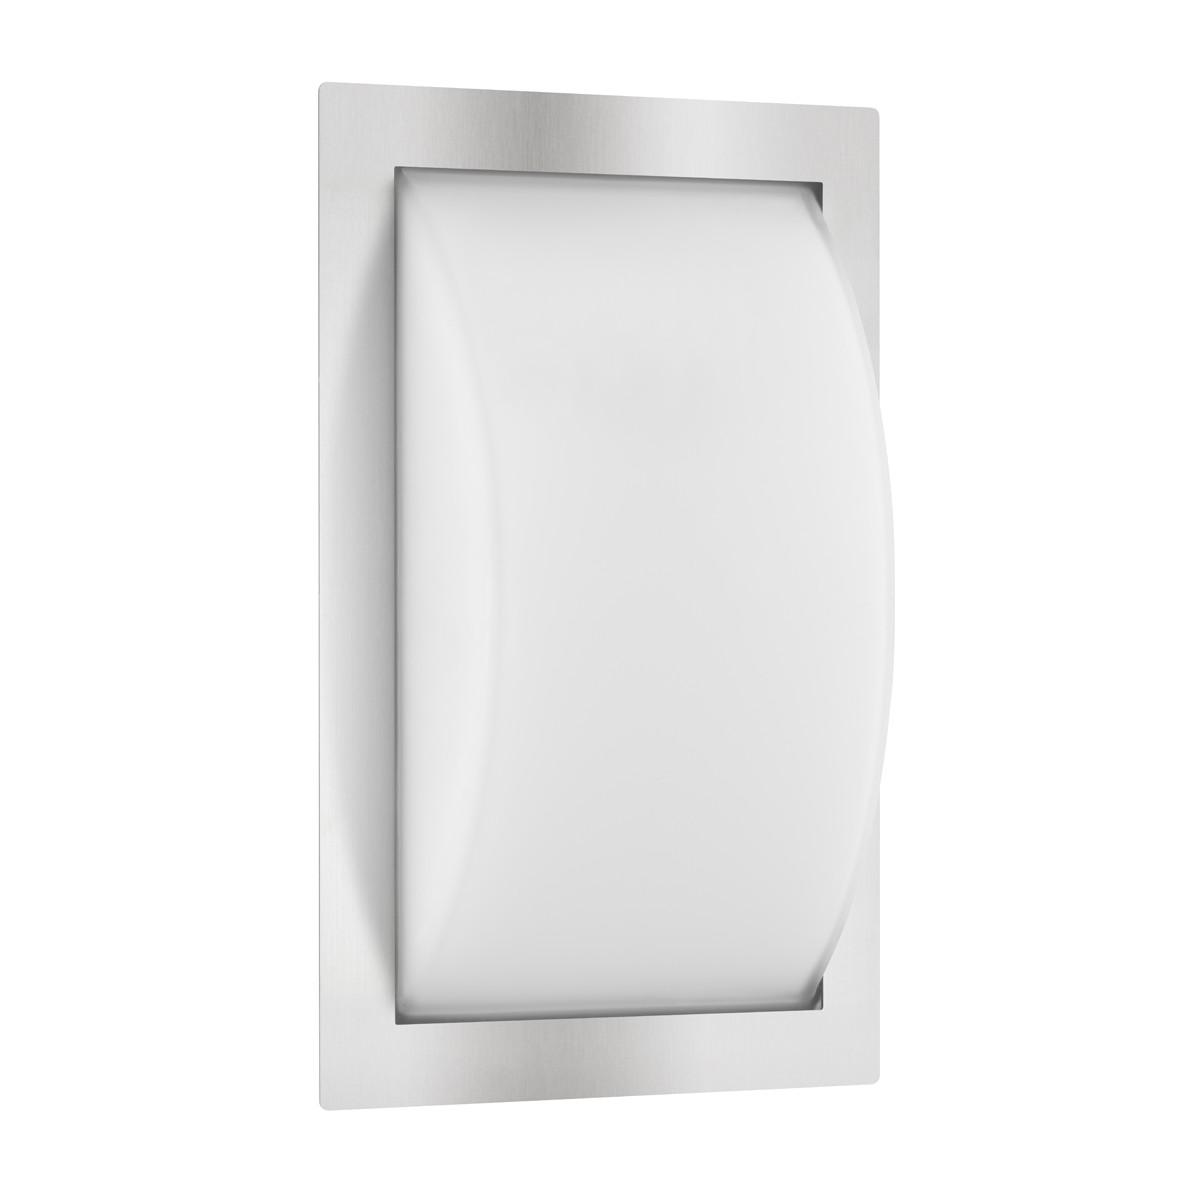 LCD Außenleuchten 050/051 Wandleuchte LED, Edelstahl, ohne Bewegungsmelder